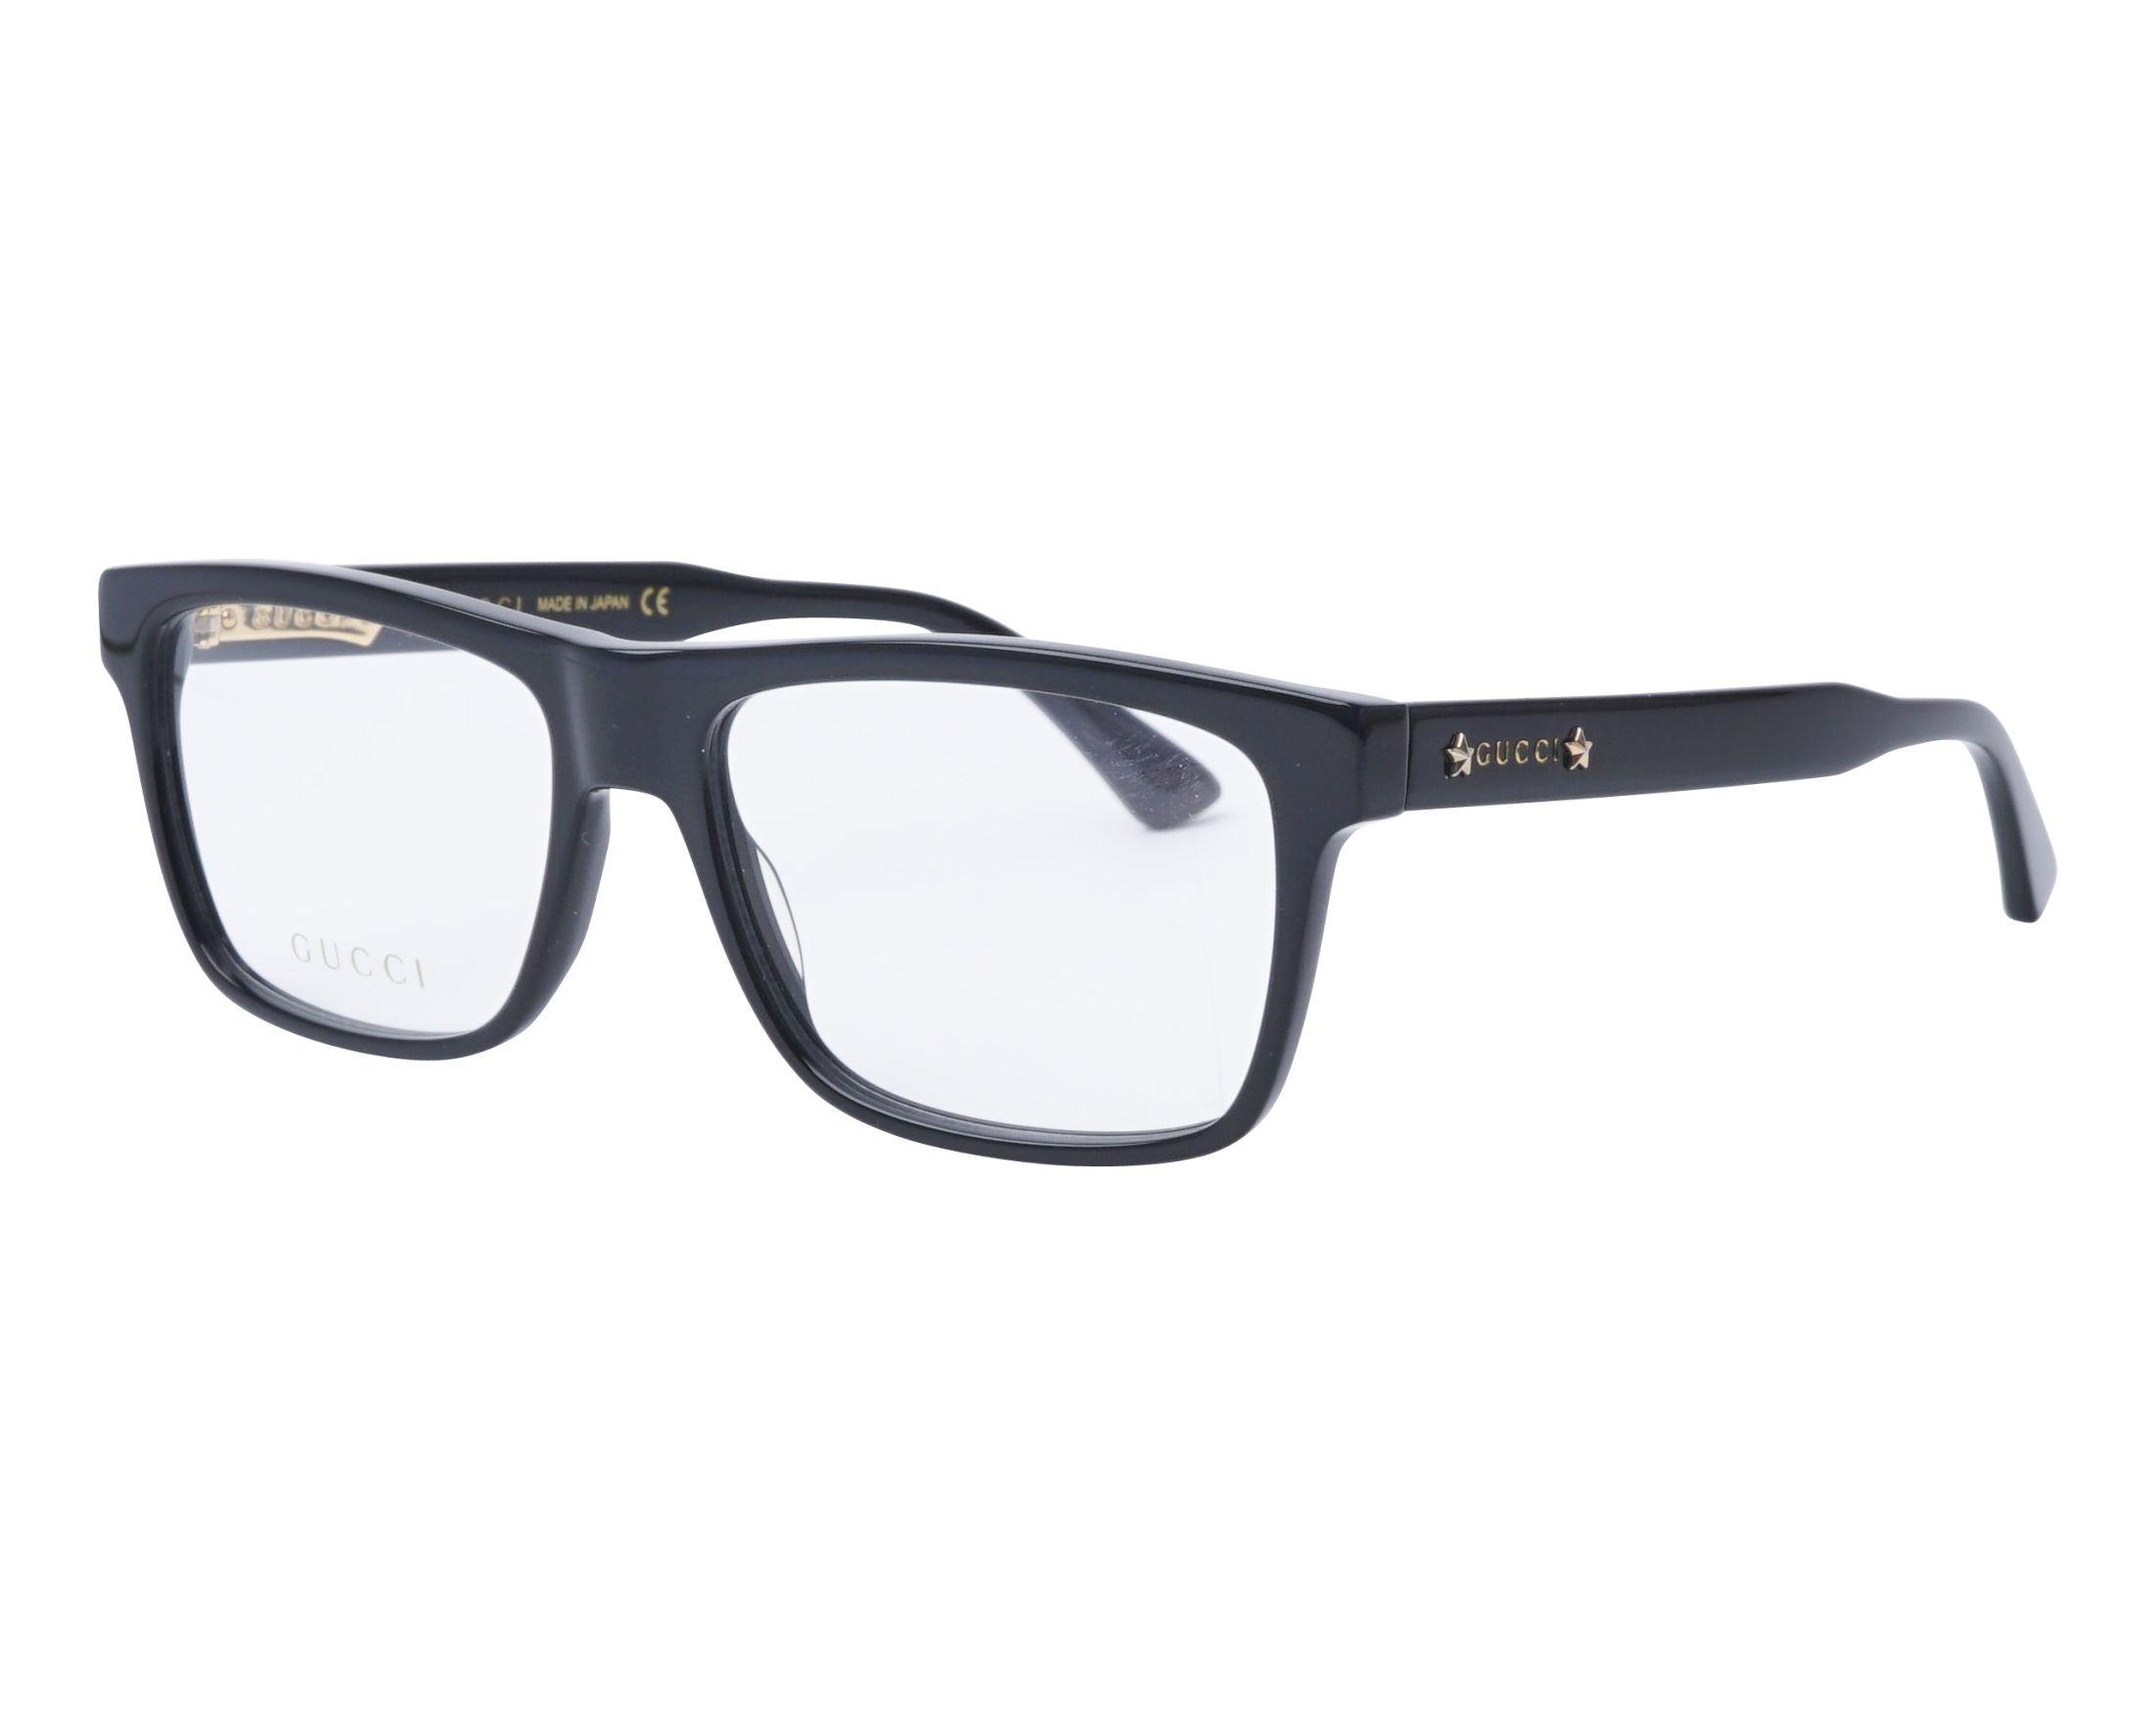 ee79b1d967 Gafas Graduadas Gucci GG-0269-O 001 - Negra vista de perfil